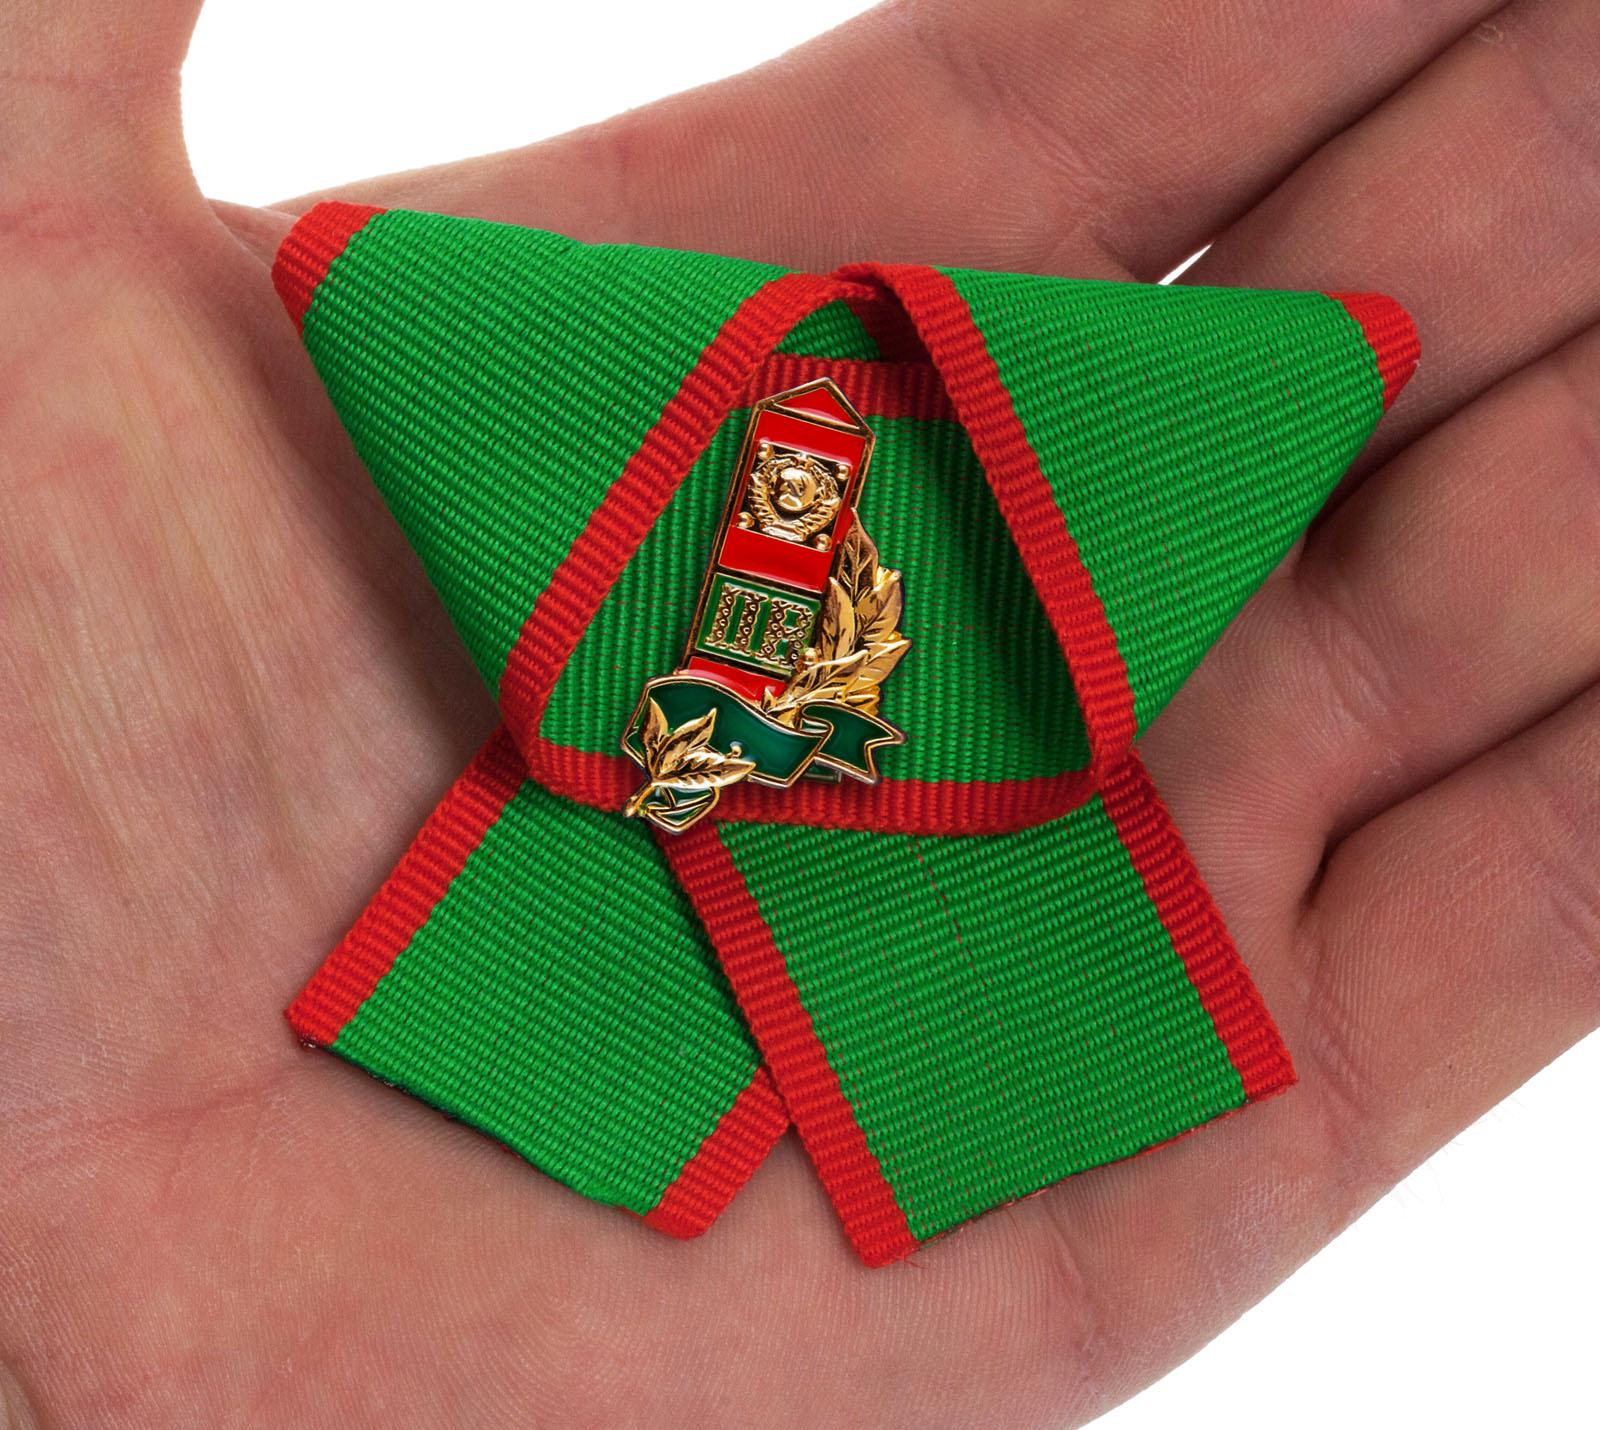 Сувениры, подарки к 100 летию погранвойск заказать онлайн недорого